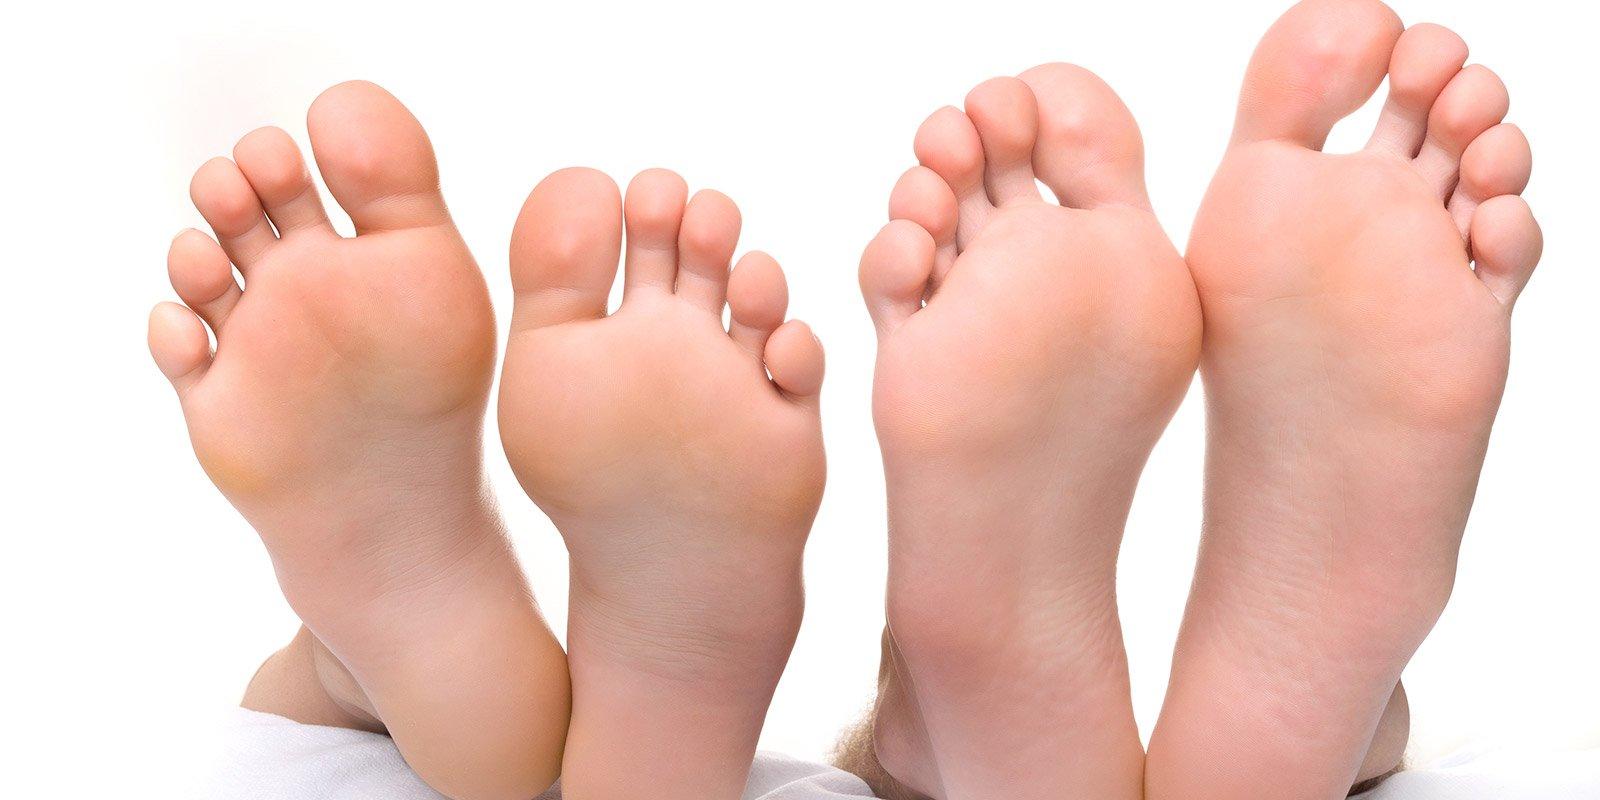 Piante di piedi sani